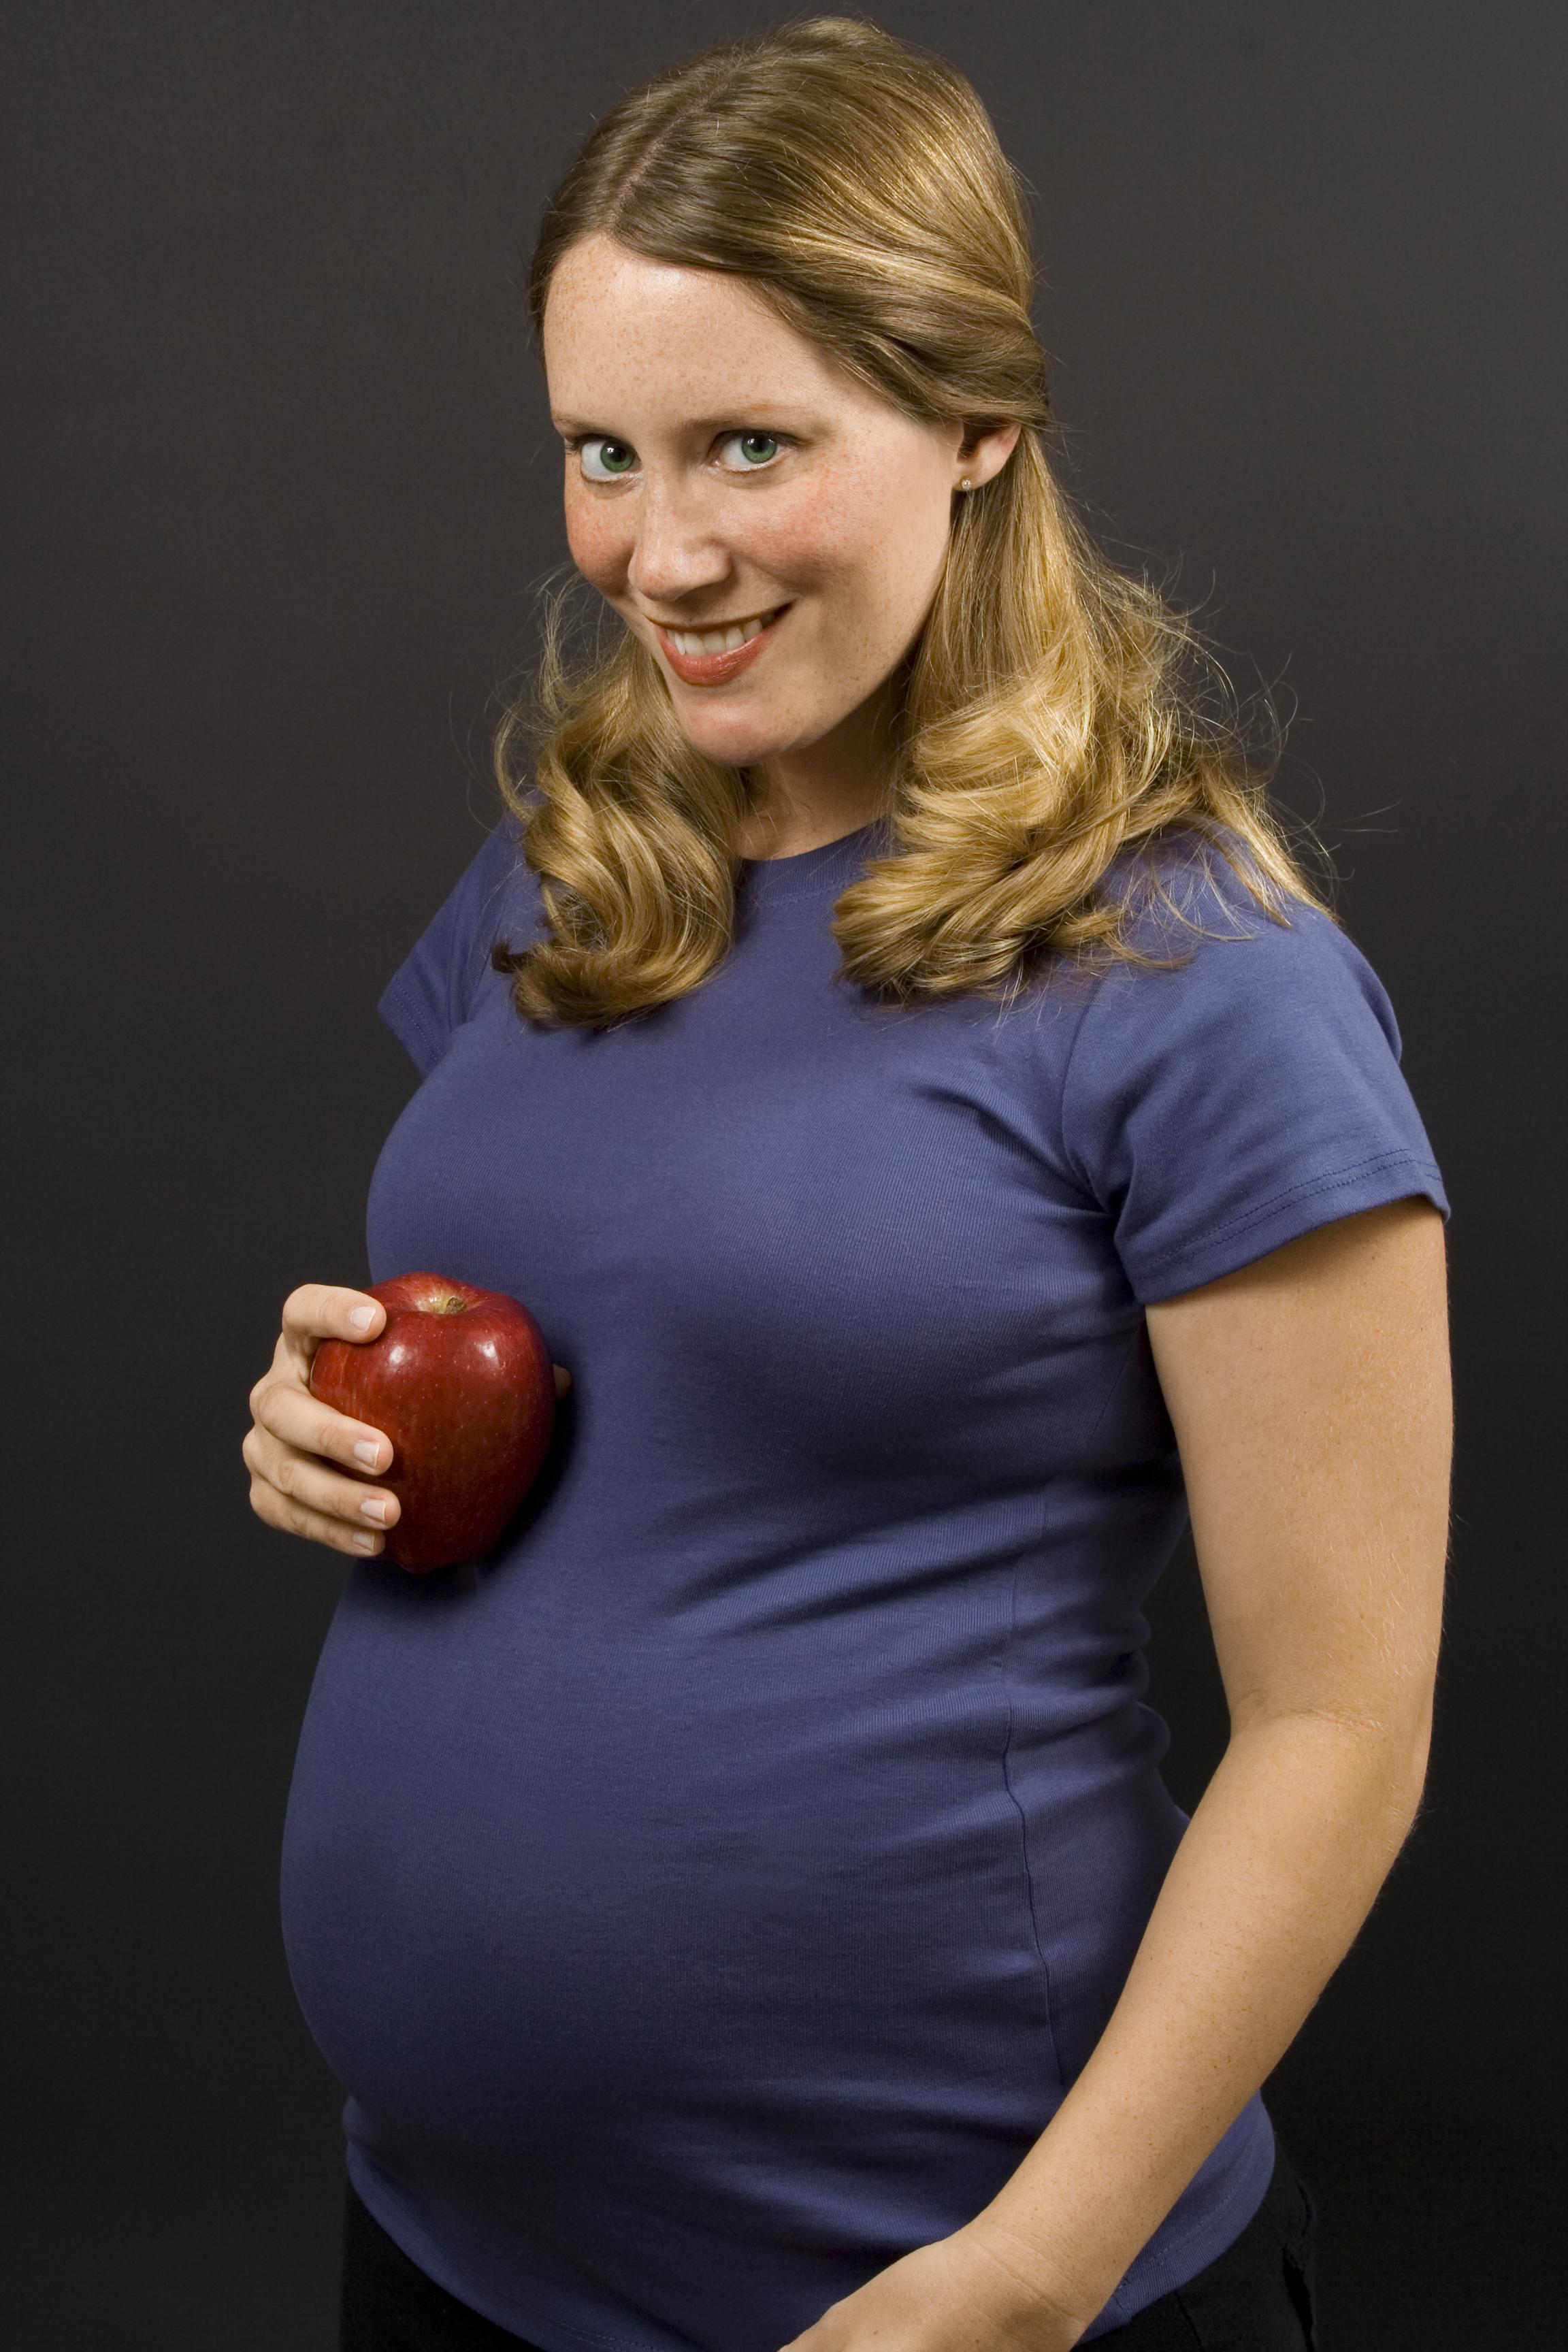 Jak se těhotenská cukrovka projevuje?